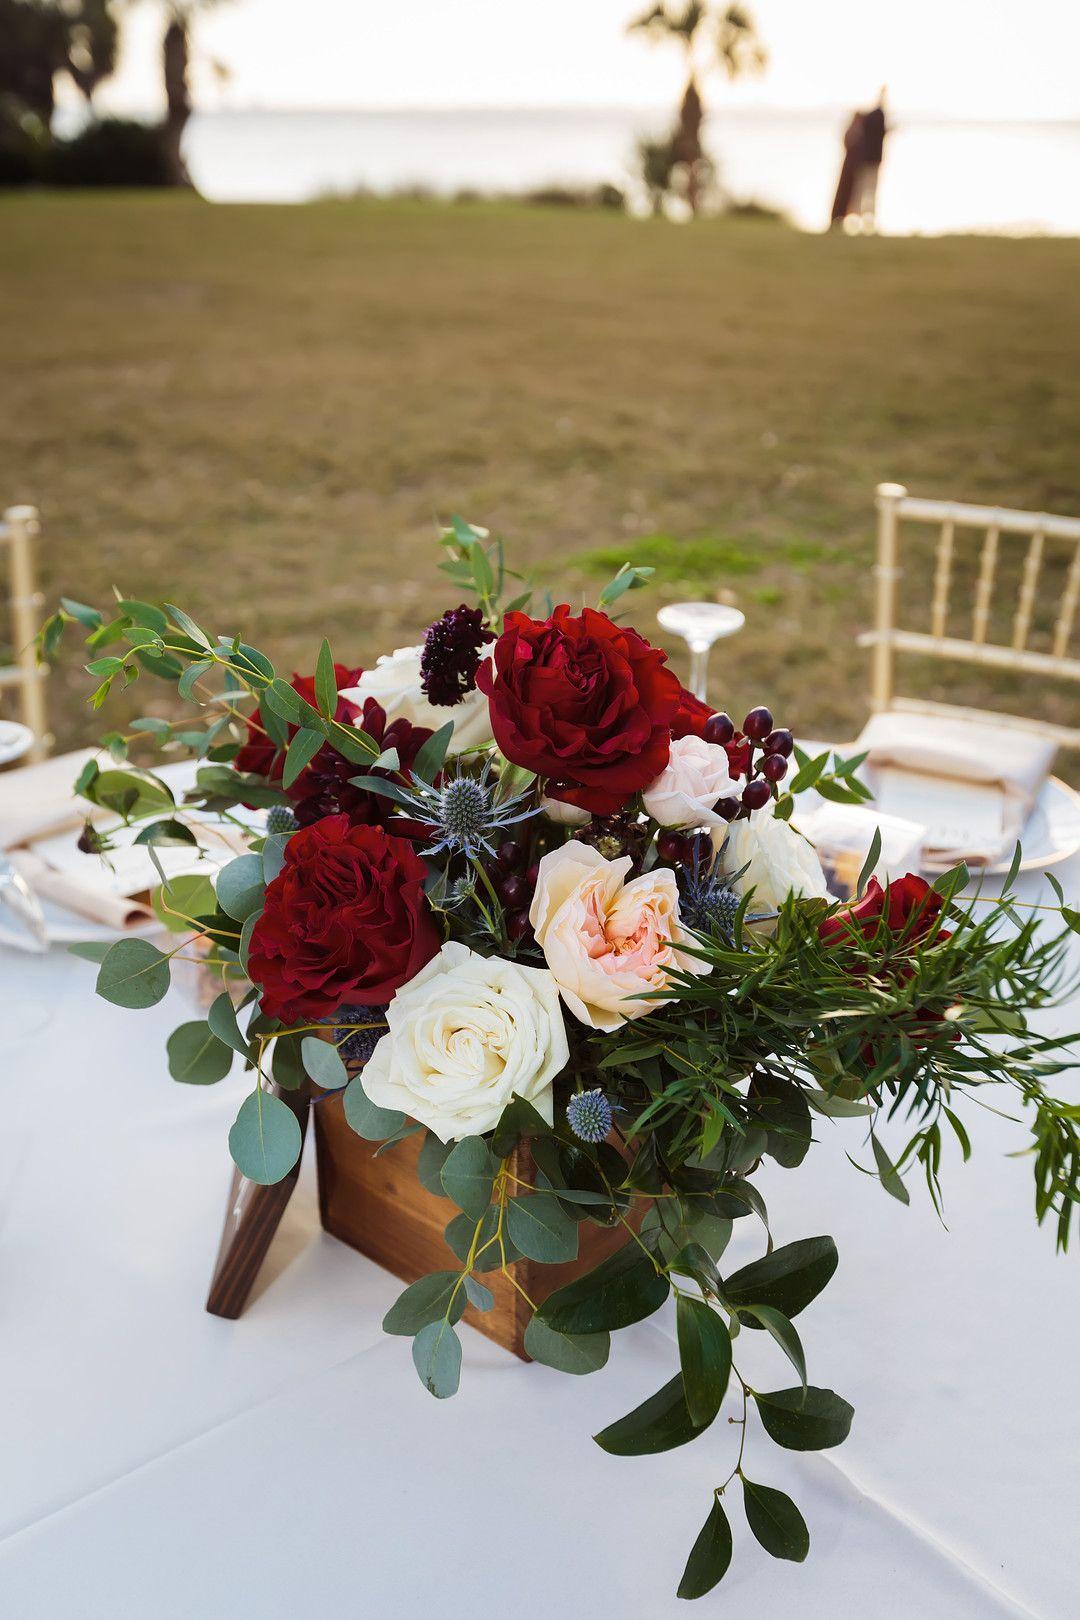 Julianne & Eric's Elegant Burgundy & White Estate Wedding